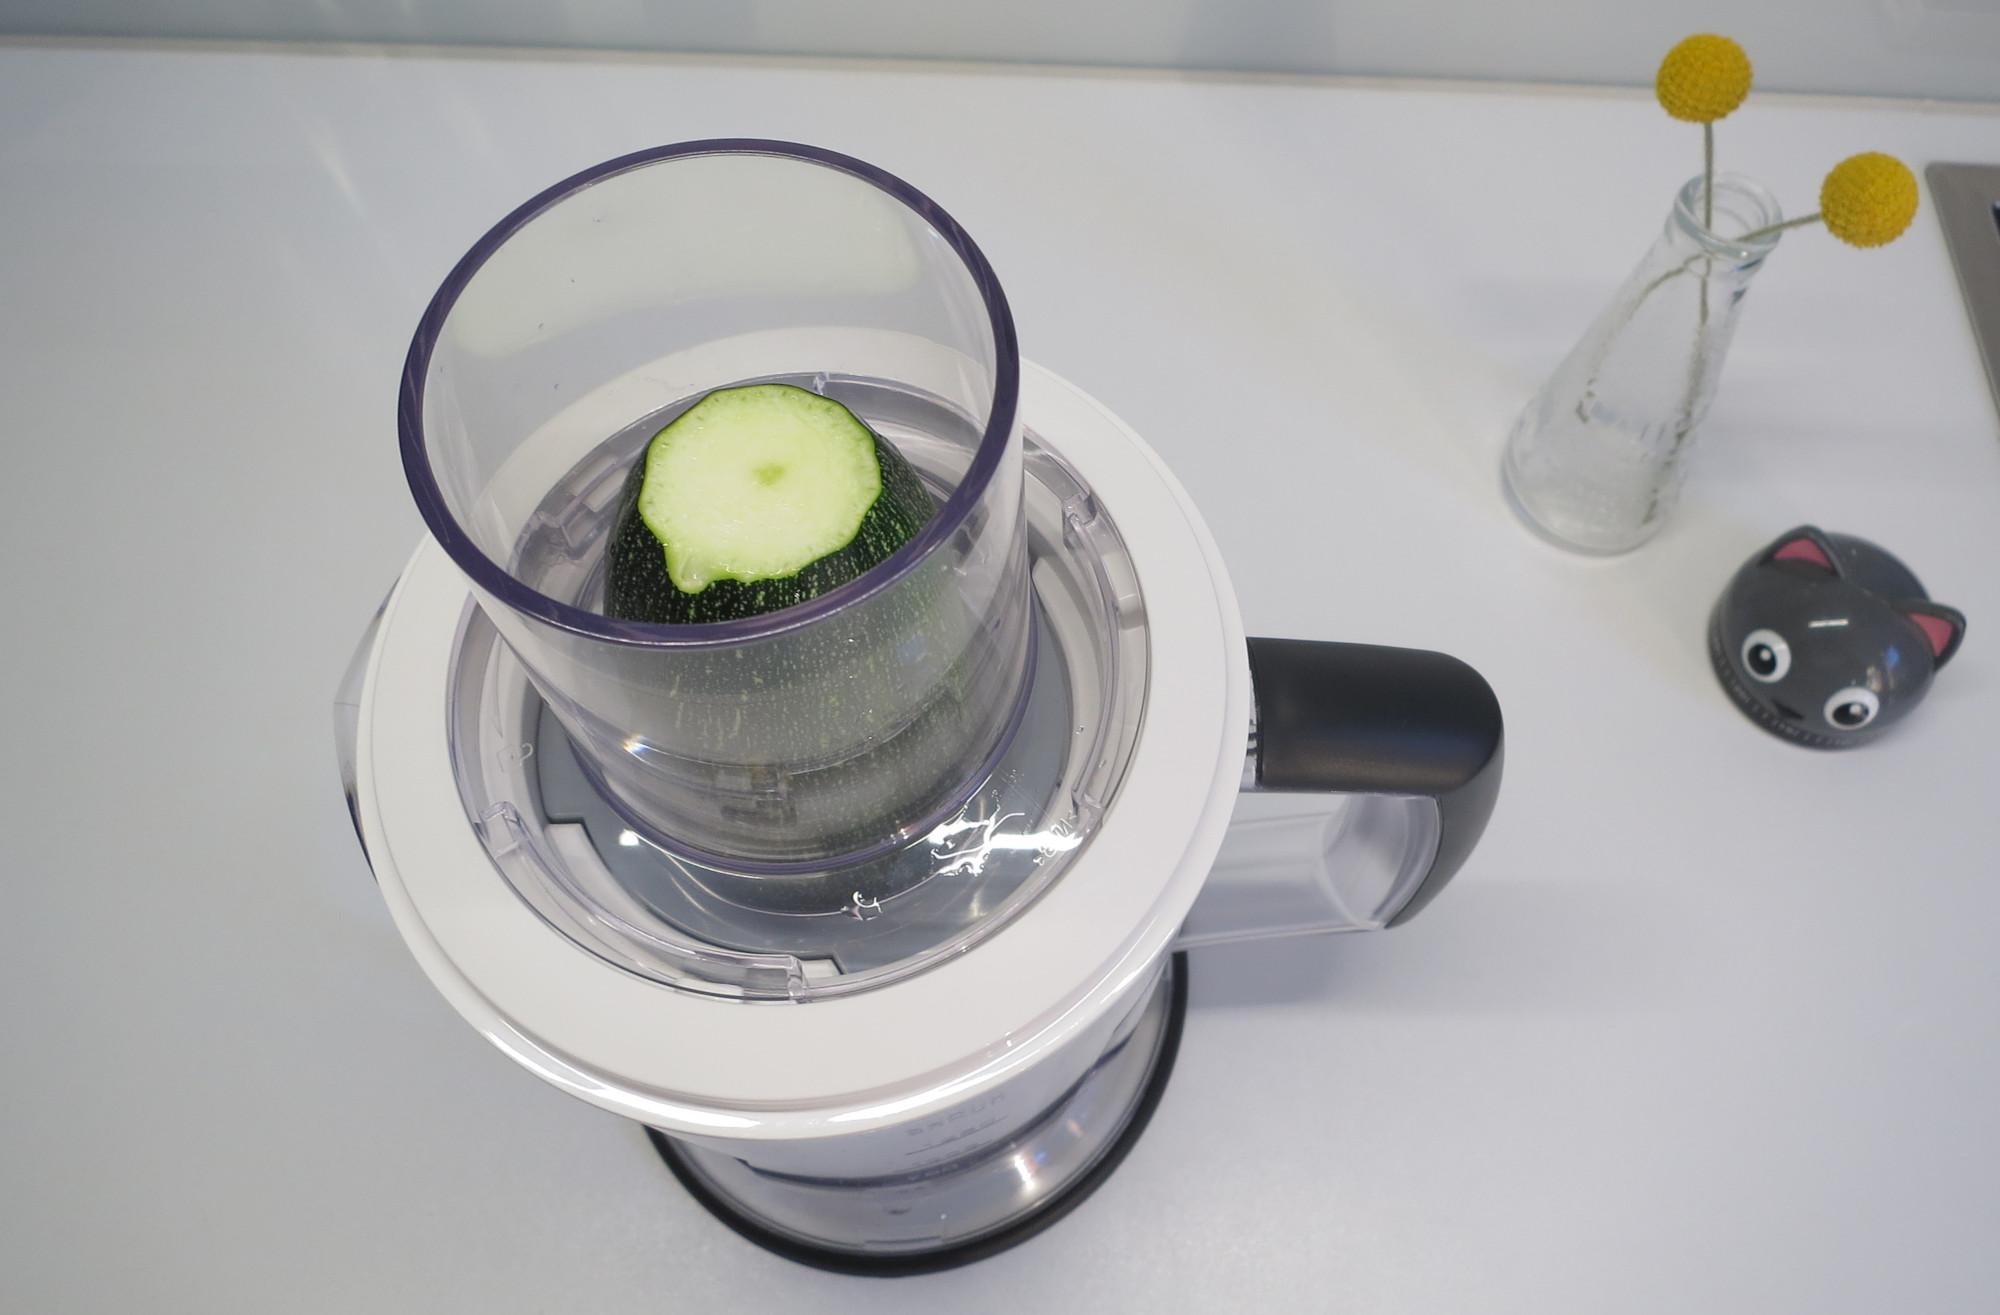 Spiralschneider Braun MultiQuick 5 Vario Fit MQ 5060 mit Zucchini im Einfüllschacht